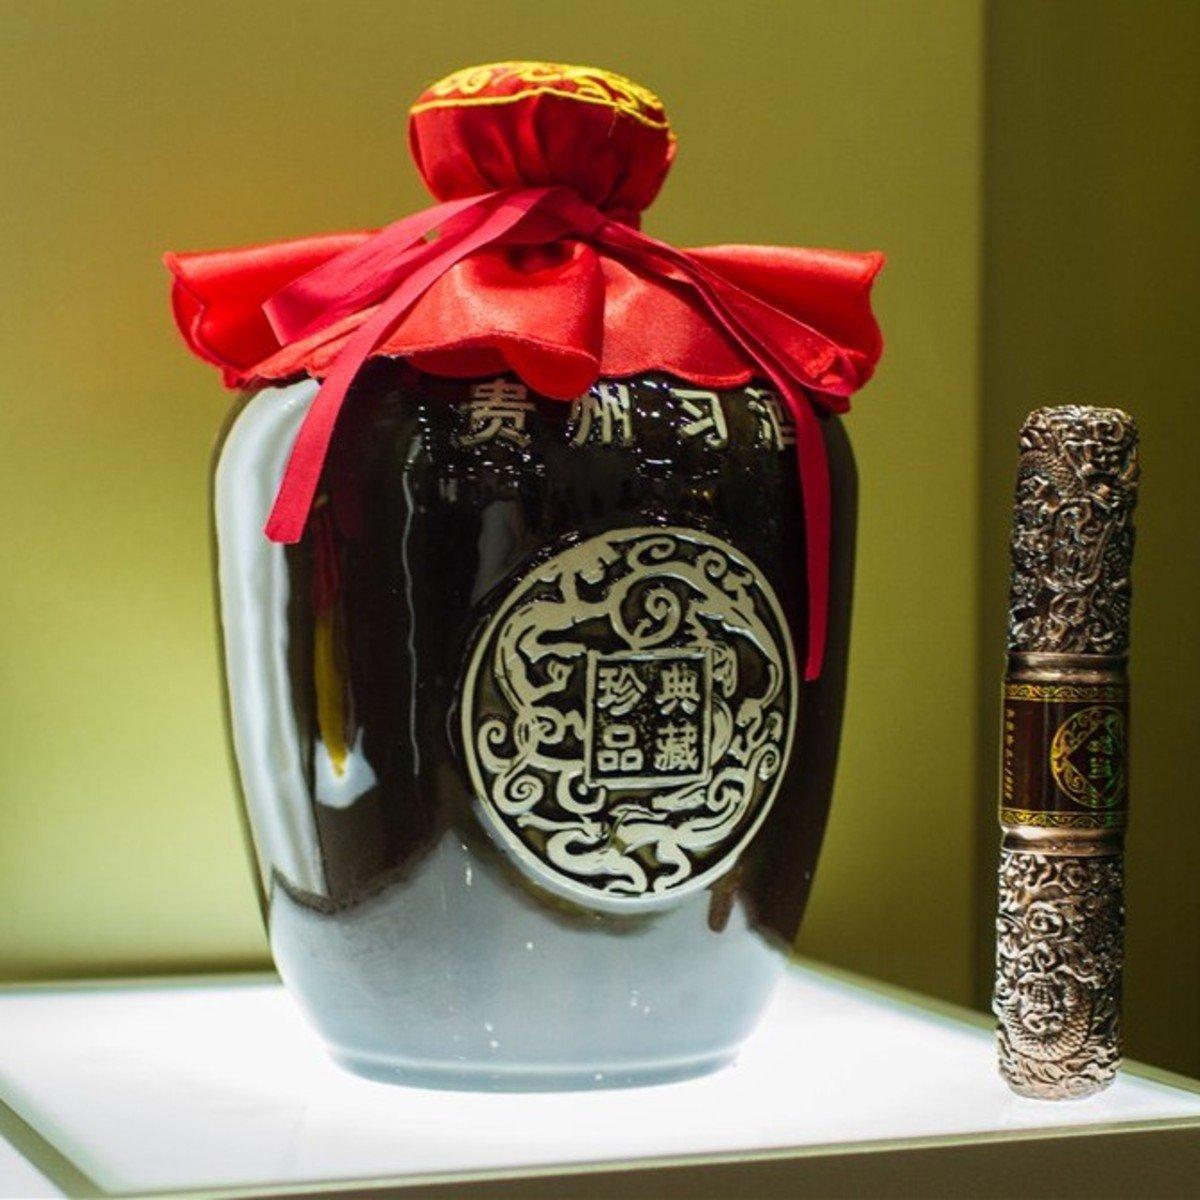 典藏珍品 3000 毫升53% 酒精度 醬香型白酒